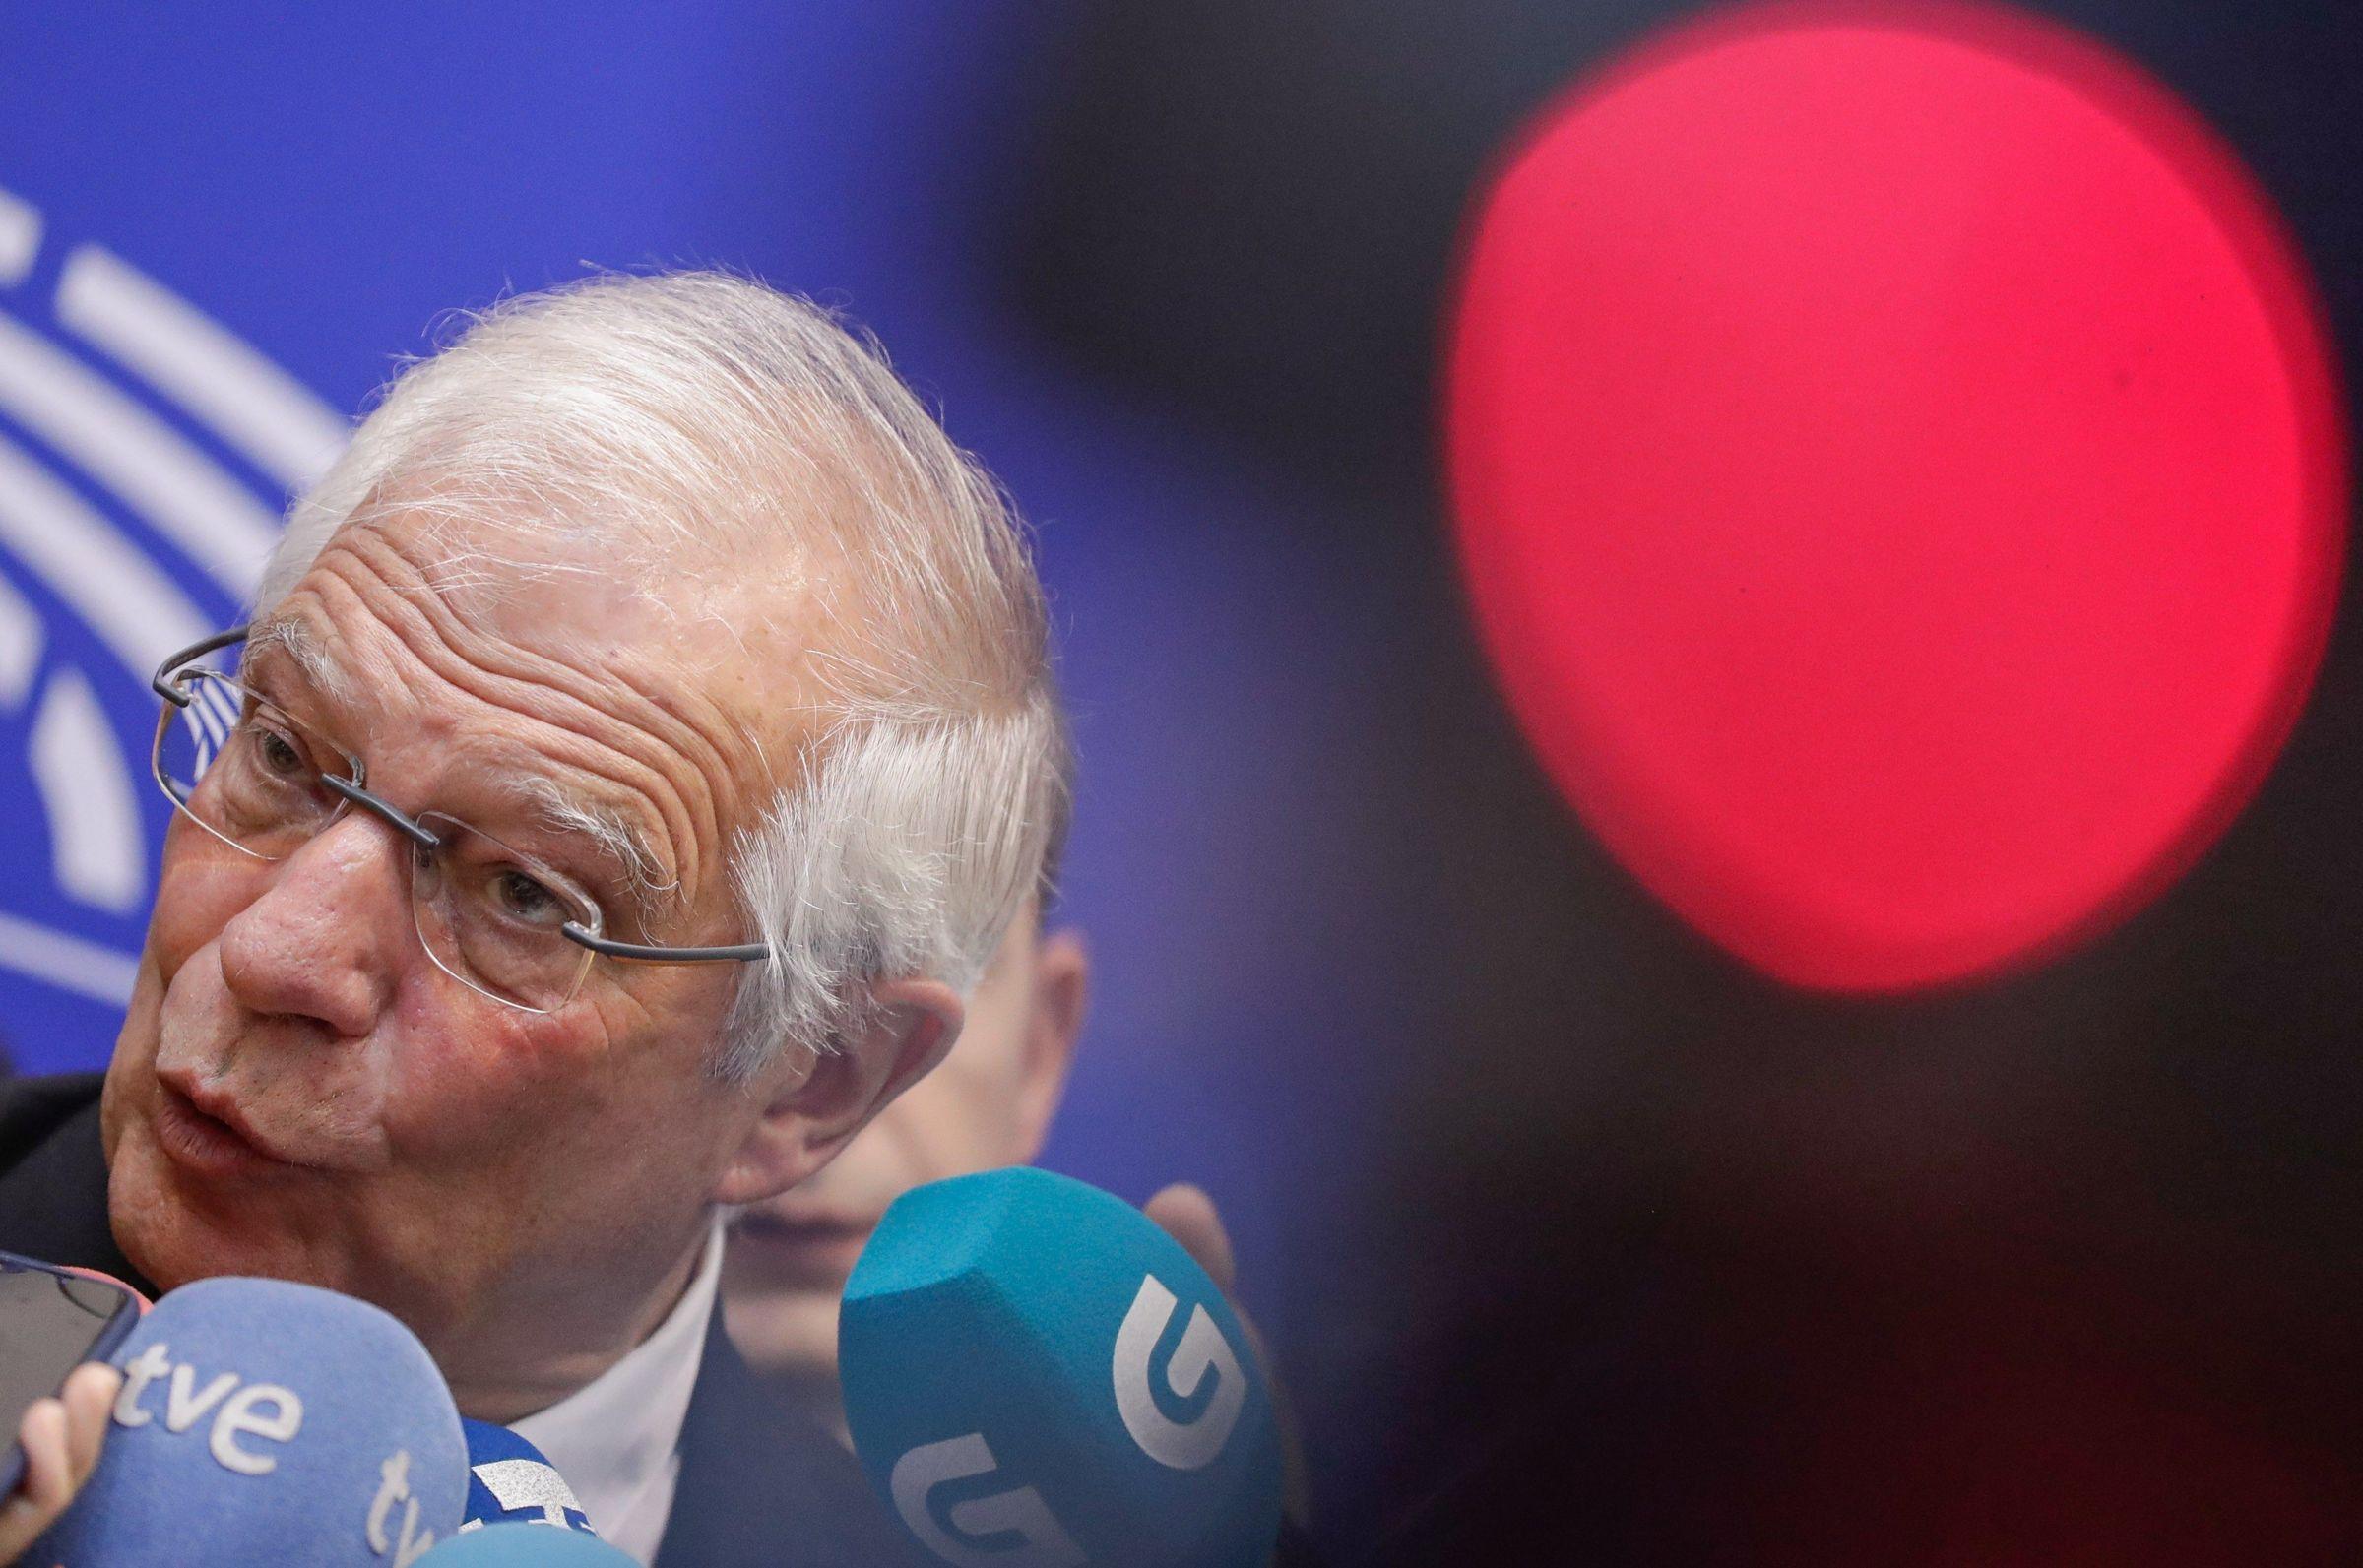 Aspirantes a dirigir los puestos más relevantes de la UE.Josep Borrell, ministro de Exteriores